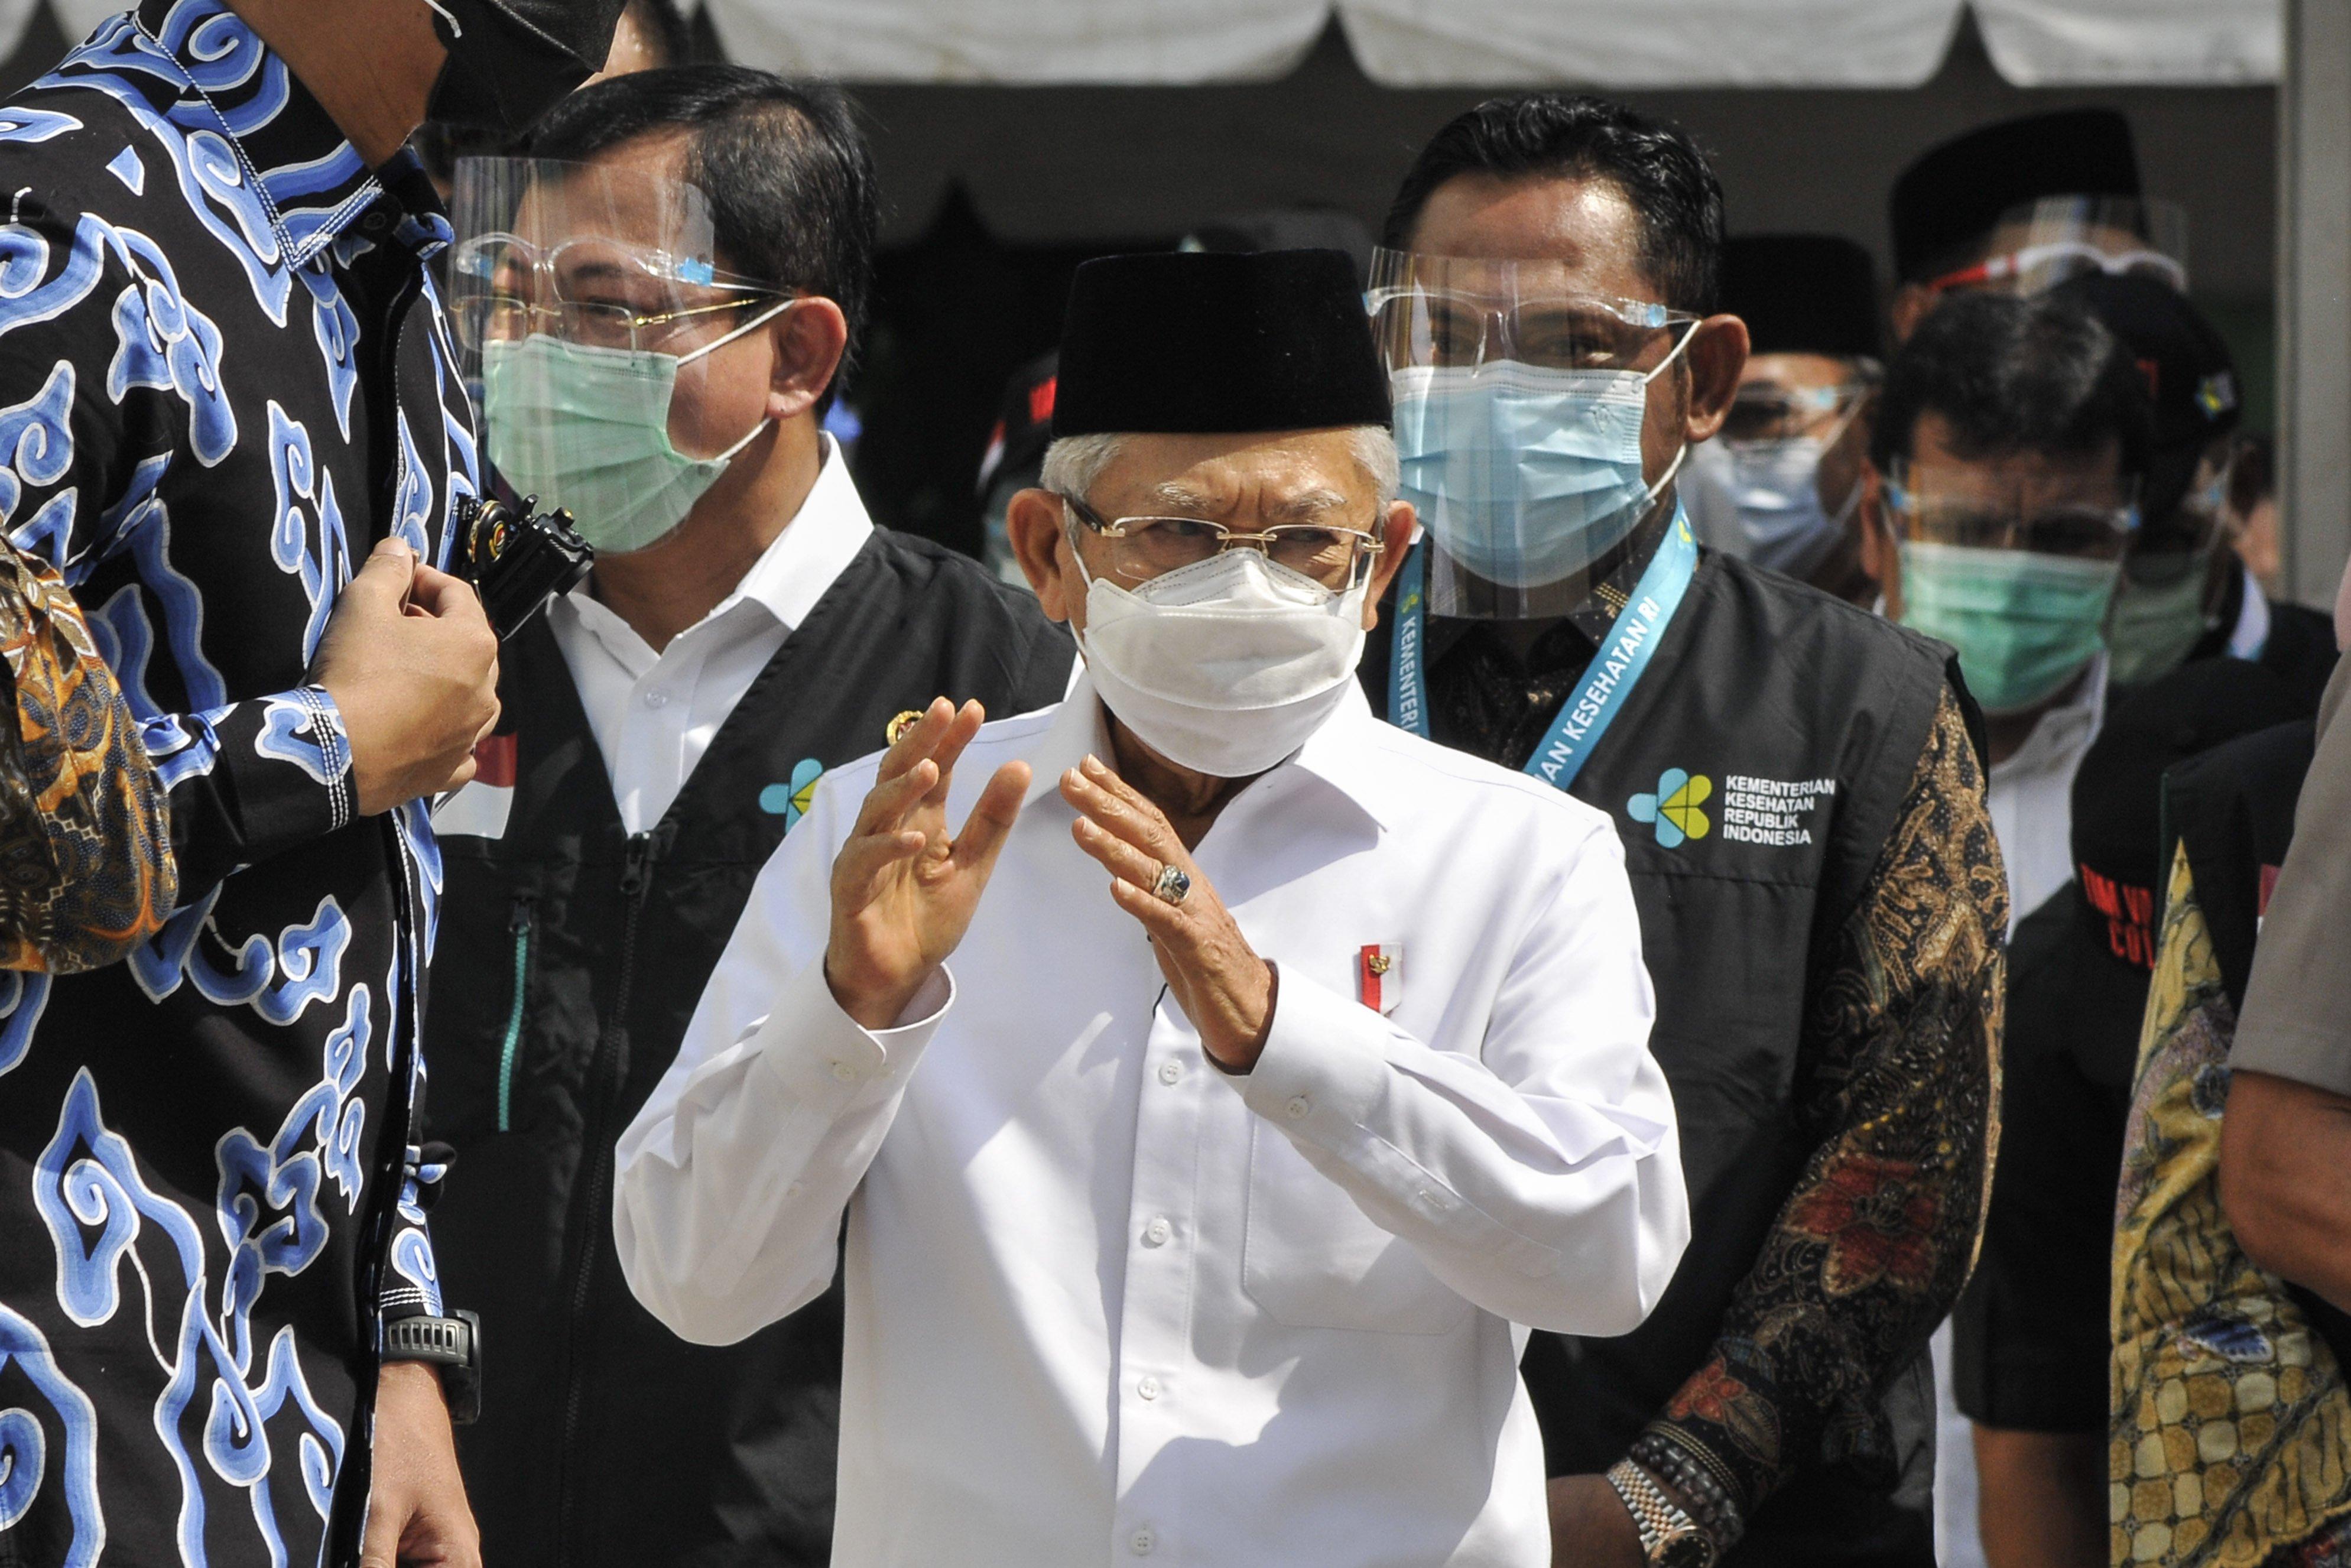 Wakil Presiden Ma\'ruf Amin (tengah) bersama Menteri Kesehatan Terawan Agus Putranto (kiri) dan Bupati Kabupaten Bekasi Eka Supriatmaja (kanan) meninjau simulasi pemberian vaksinasi COVID-19 di Puskesmas Cikarang, Kabupaten Bekasi, Jawa Barat, Kamis (19/11/2020). Pada kunjungan tersebut Wakil Presiden Ma\'ruf Amin meninjau satu persatu tahapan simulasi pemberian vaksin COVID-19 hingga observasi setelah vaksinasi.